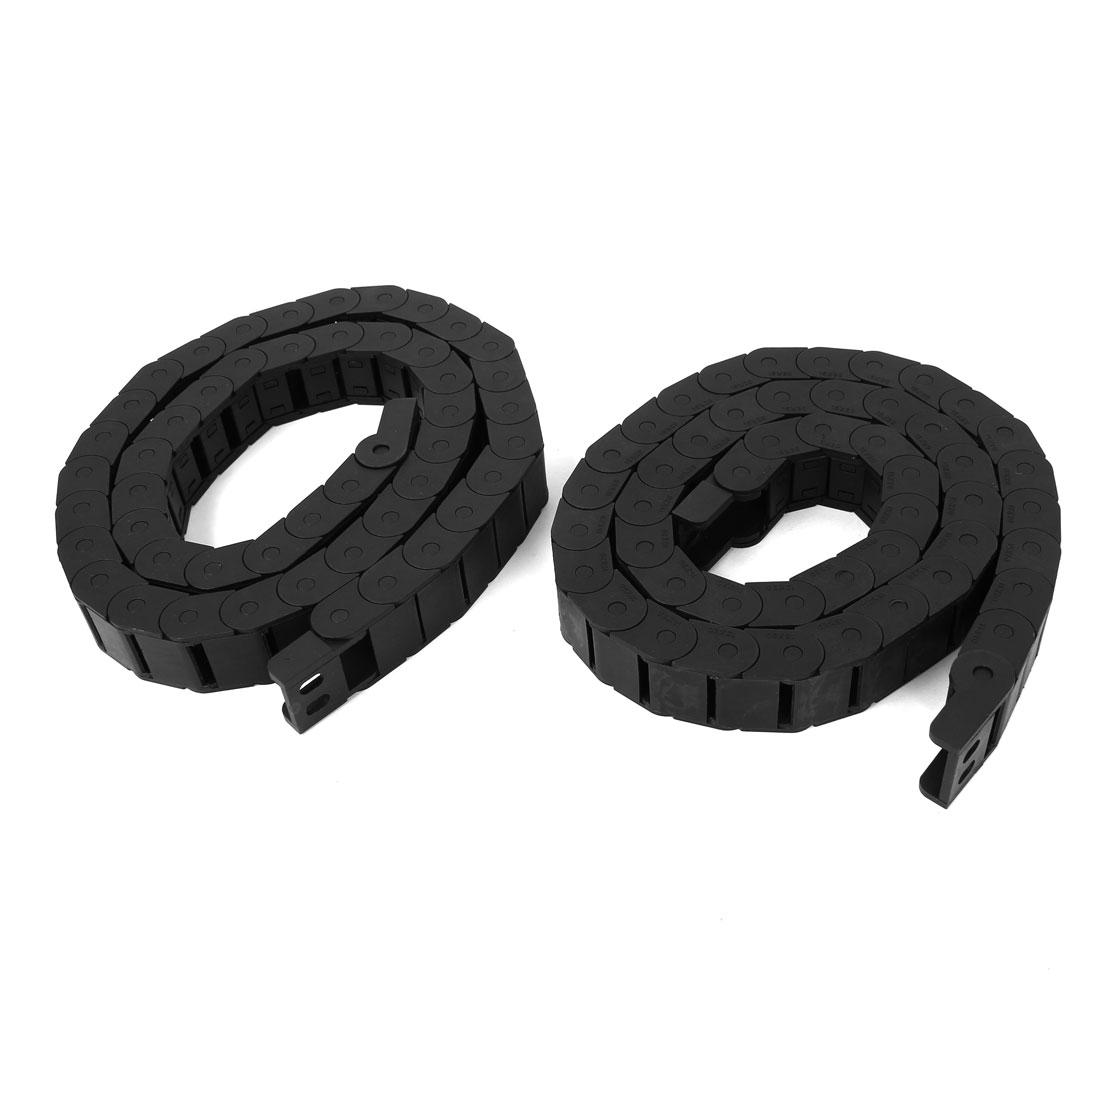 2 Pcs Black Plastic Drag Chain Cable Carrier 15 x 20mm for CNC Machine